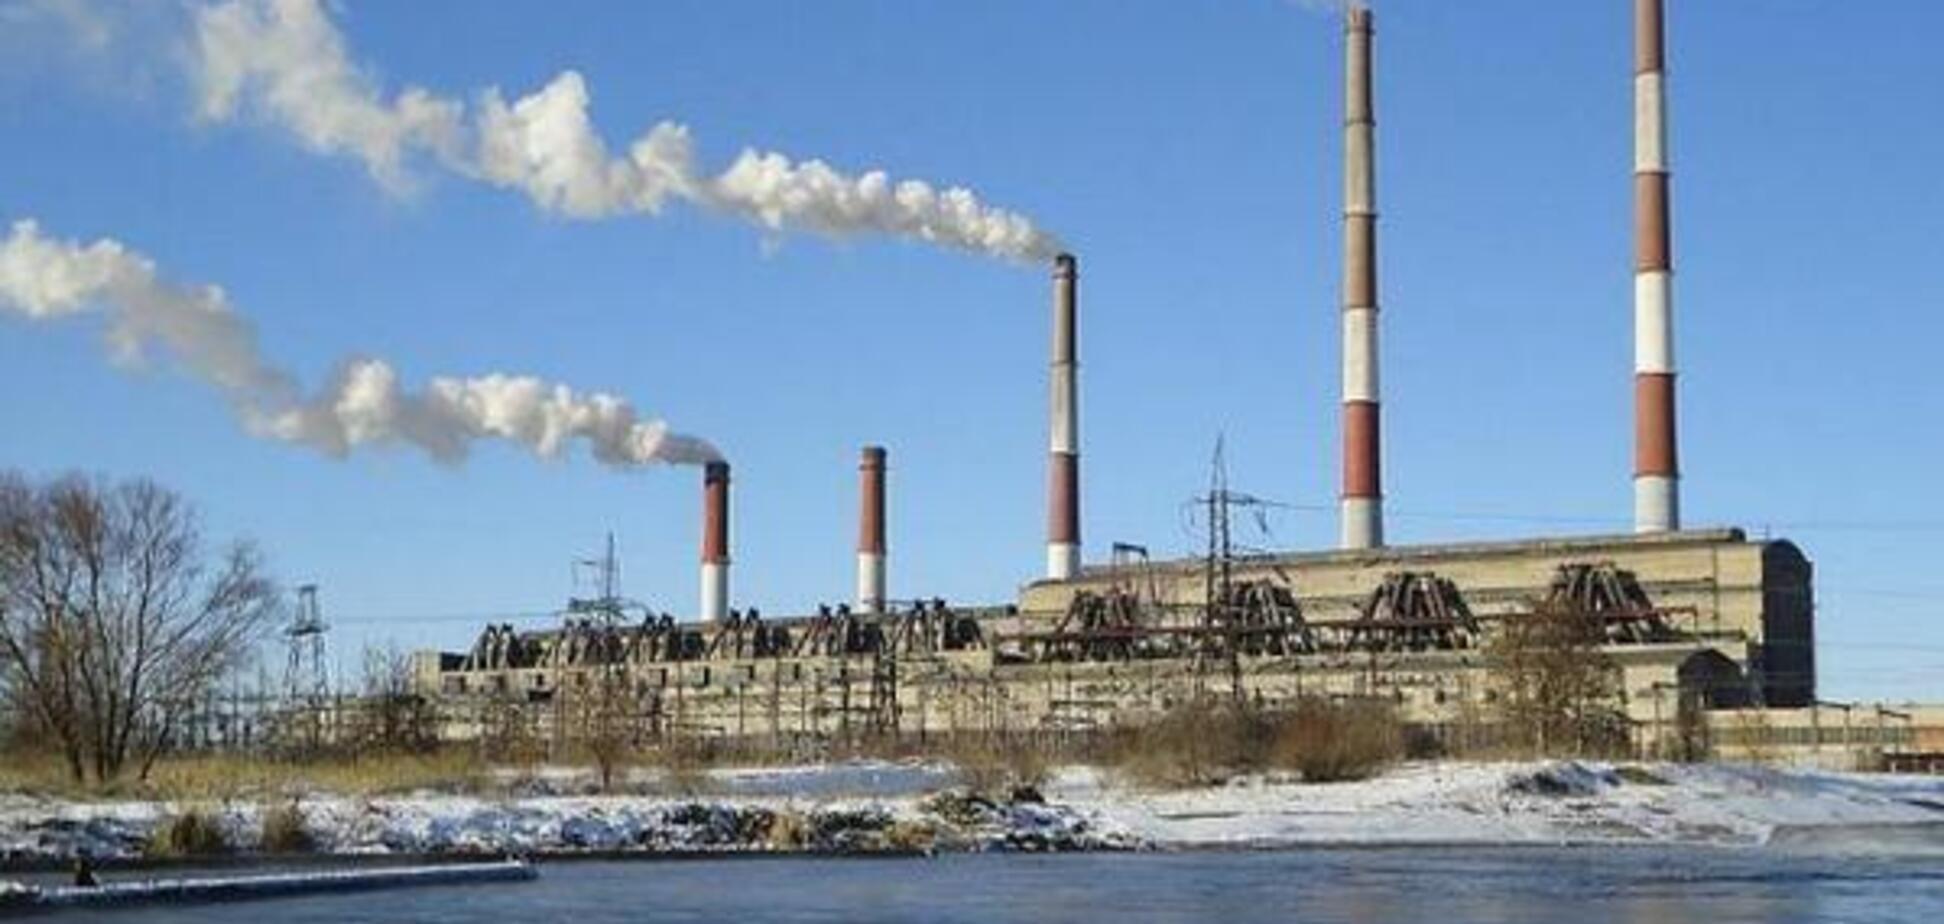 В Украине приватизируют крупнейшее предприятие: в ФГИ сделали первый шаг